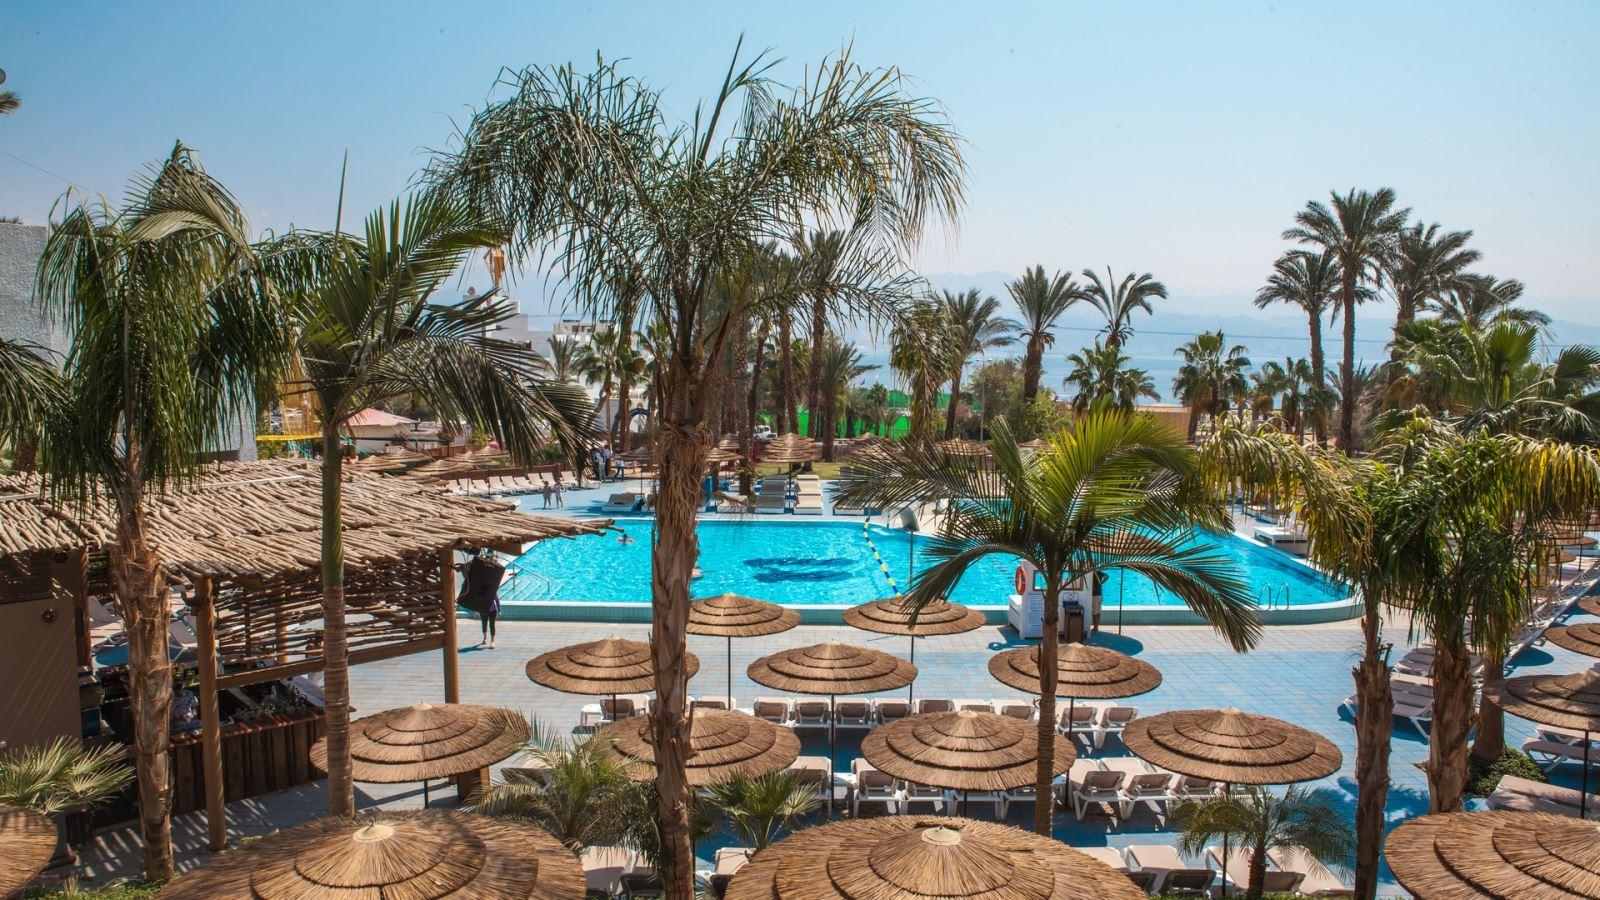 חופשה מפנקת ב-50% הנחה במלון יו קורל ביץ' קלאב אילת